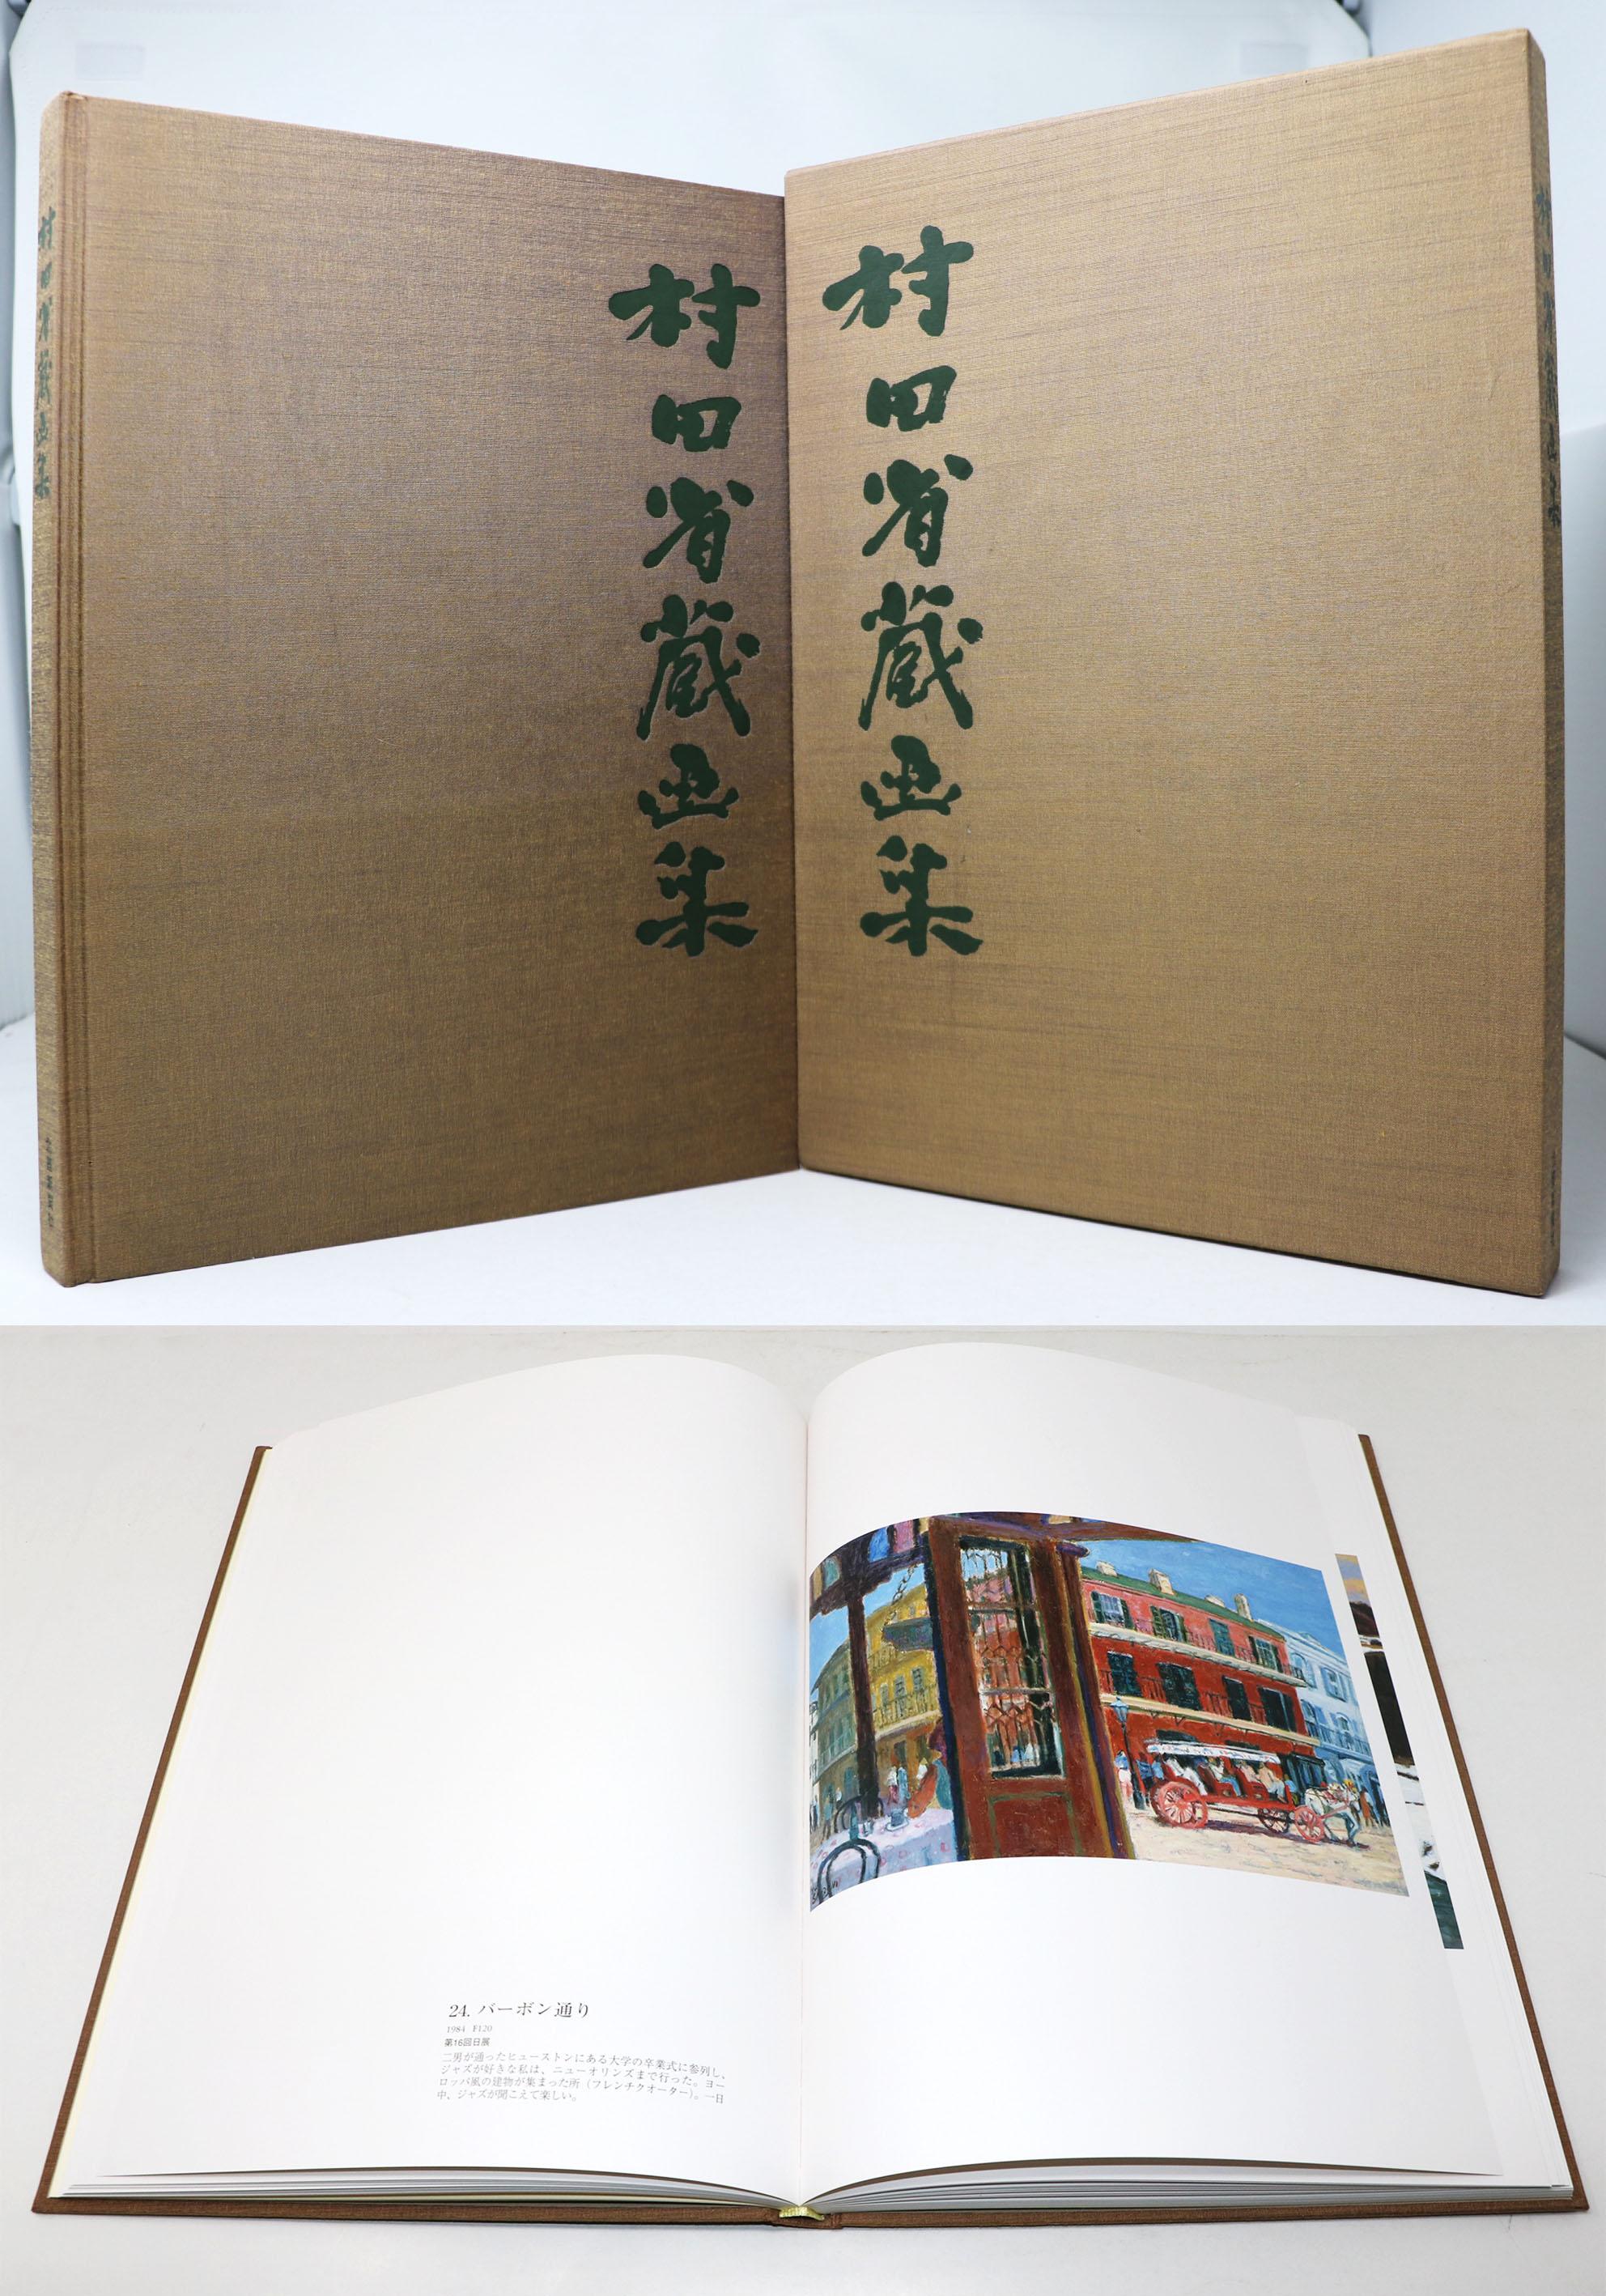 村田省蔵画集